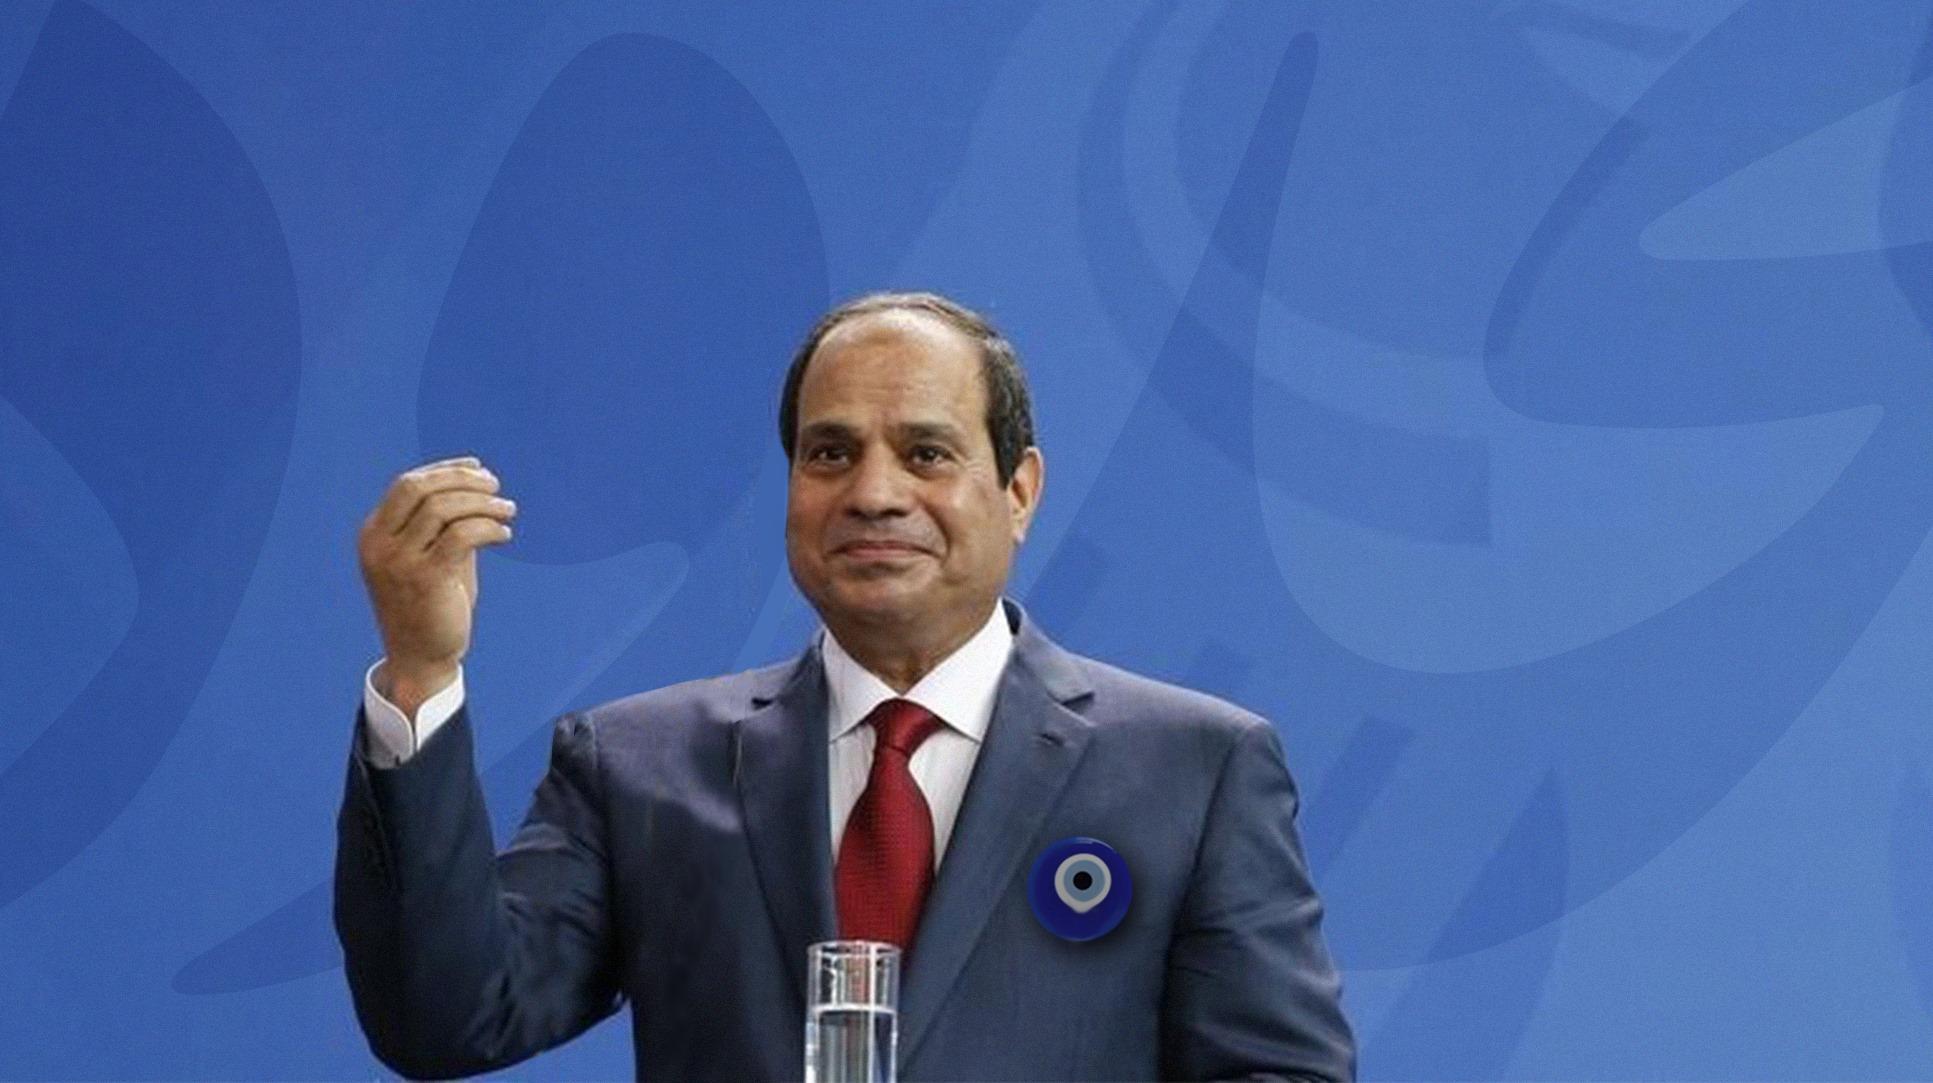 صورة السيسي يؤكد قدرته على تحويل مصر إلى جنّة لولا خوفه  عليها من العين